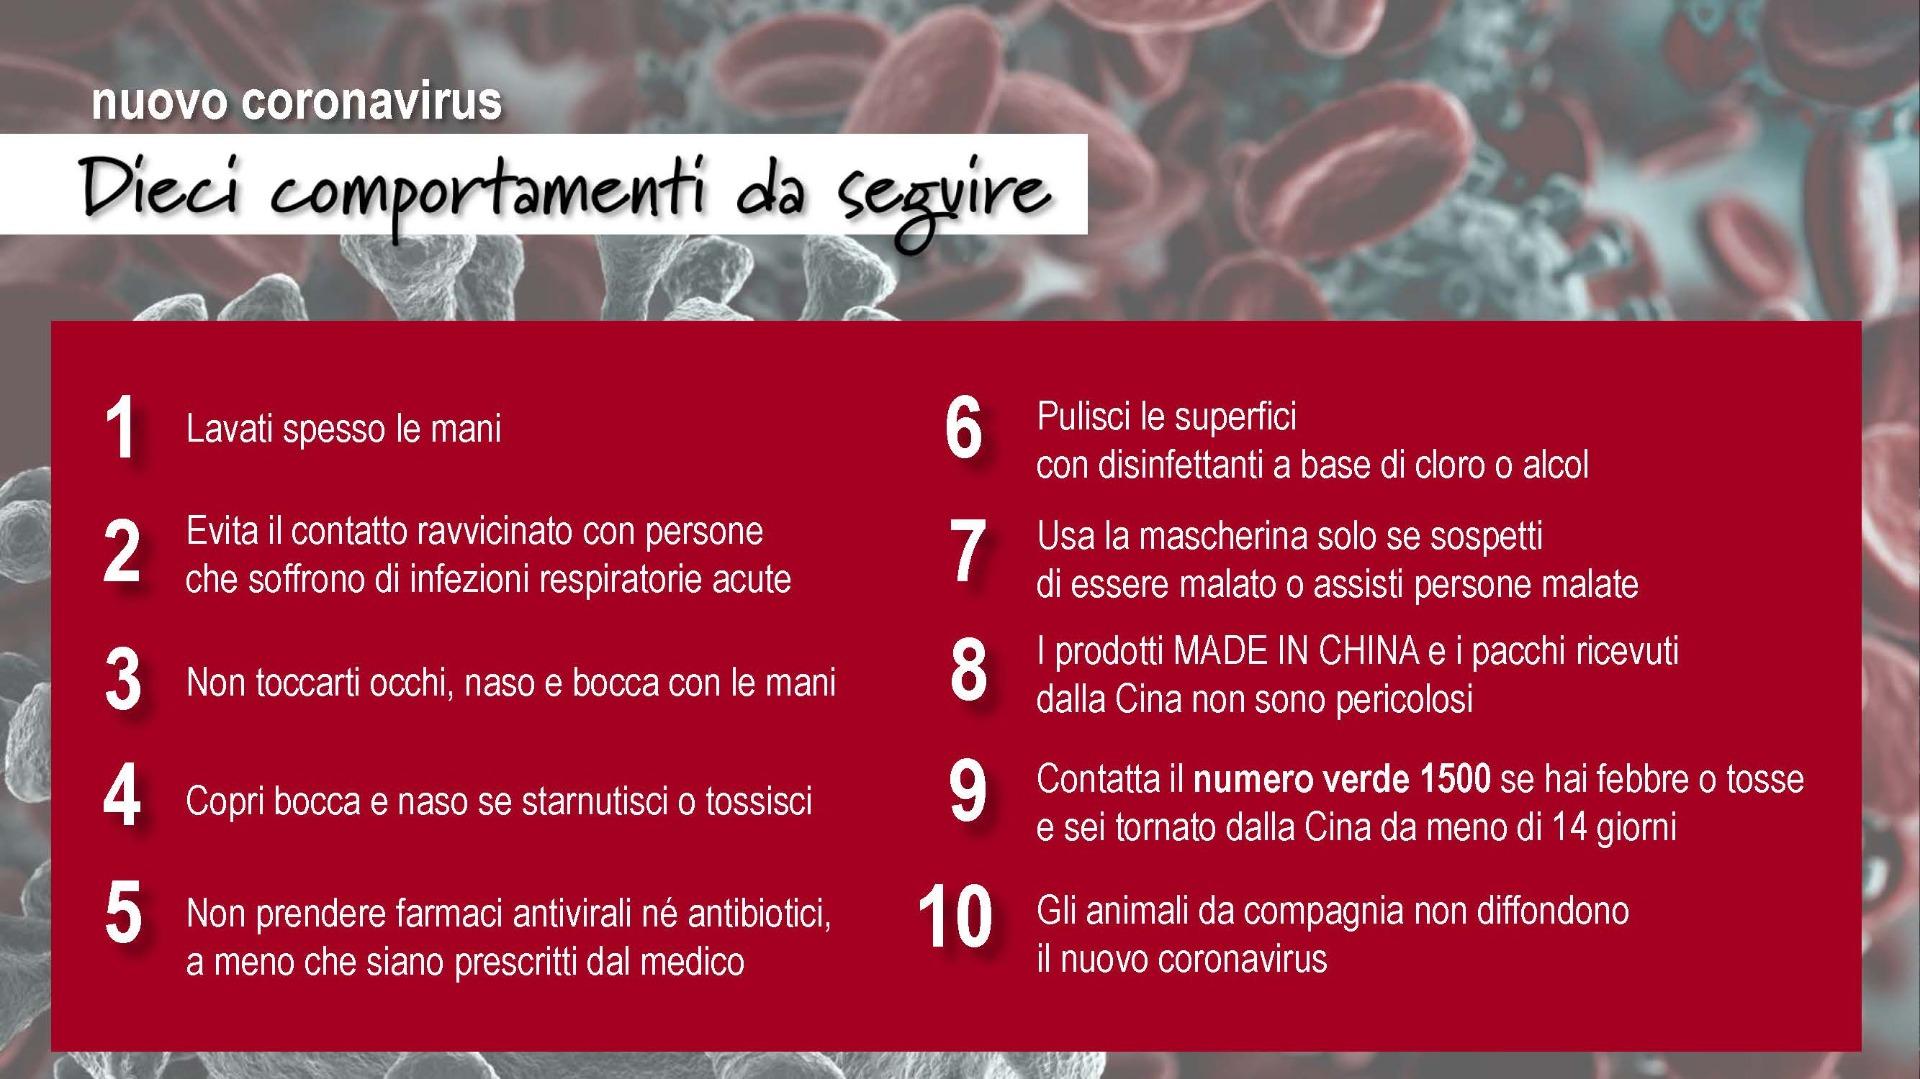 Coronavirus Covid-19: i dieci comportamenti da seguire